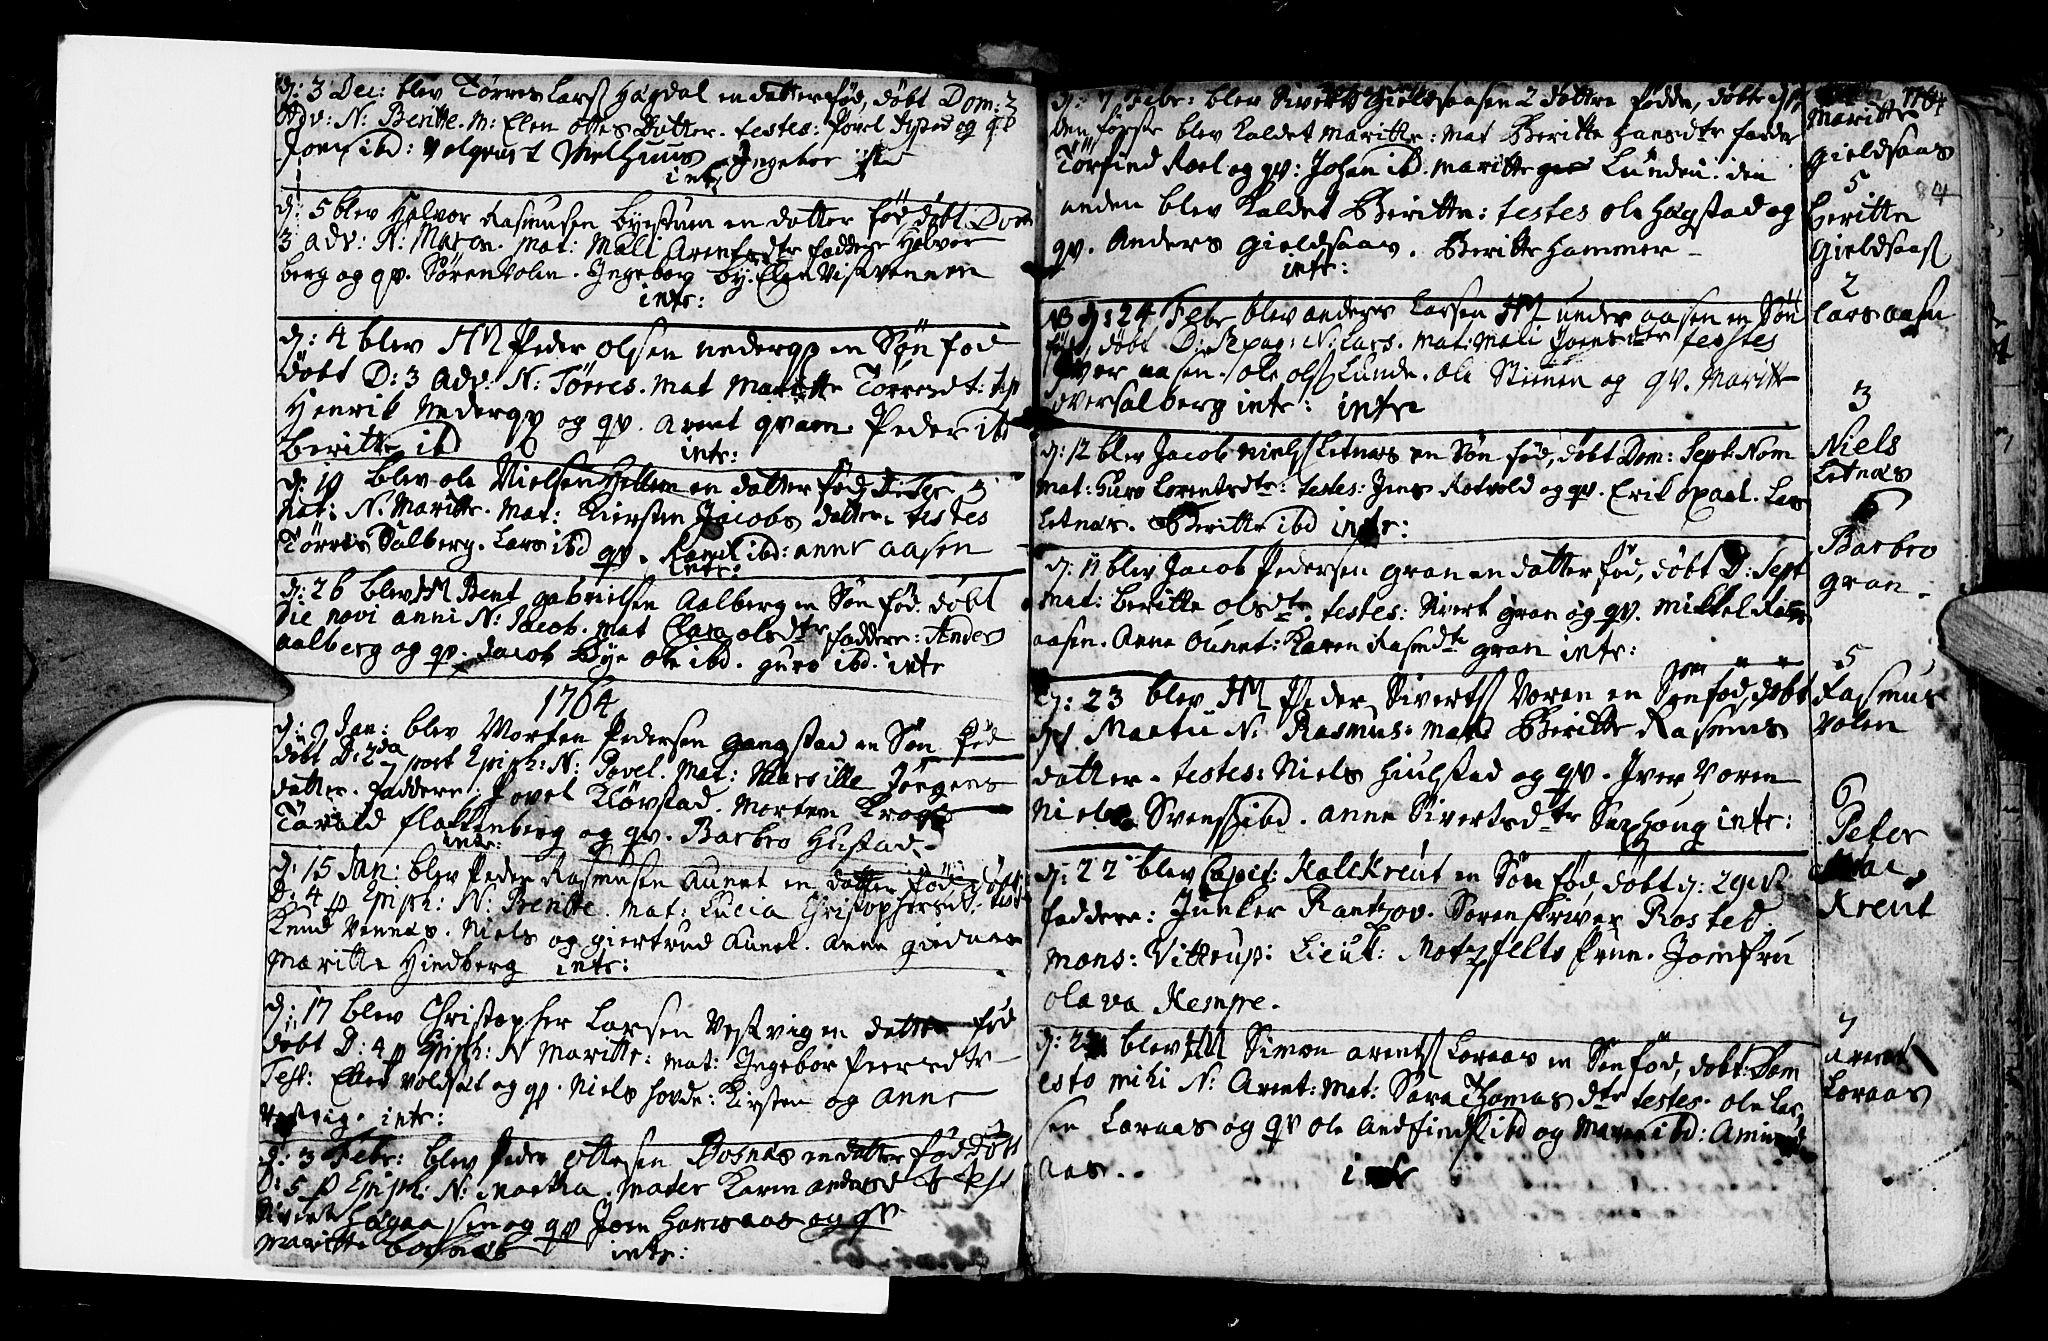 SAT, Ministerialprotokoller, klokkerbøker og fødselsregistre - Nord-Trøndelag, 730/L0273: Ministerialbok nr. 730A02, 1762-1802, s. 84